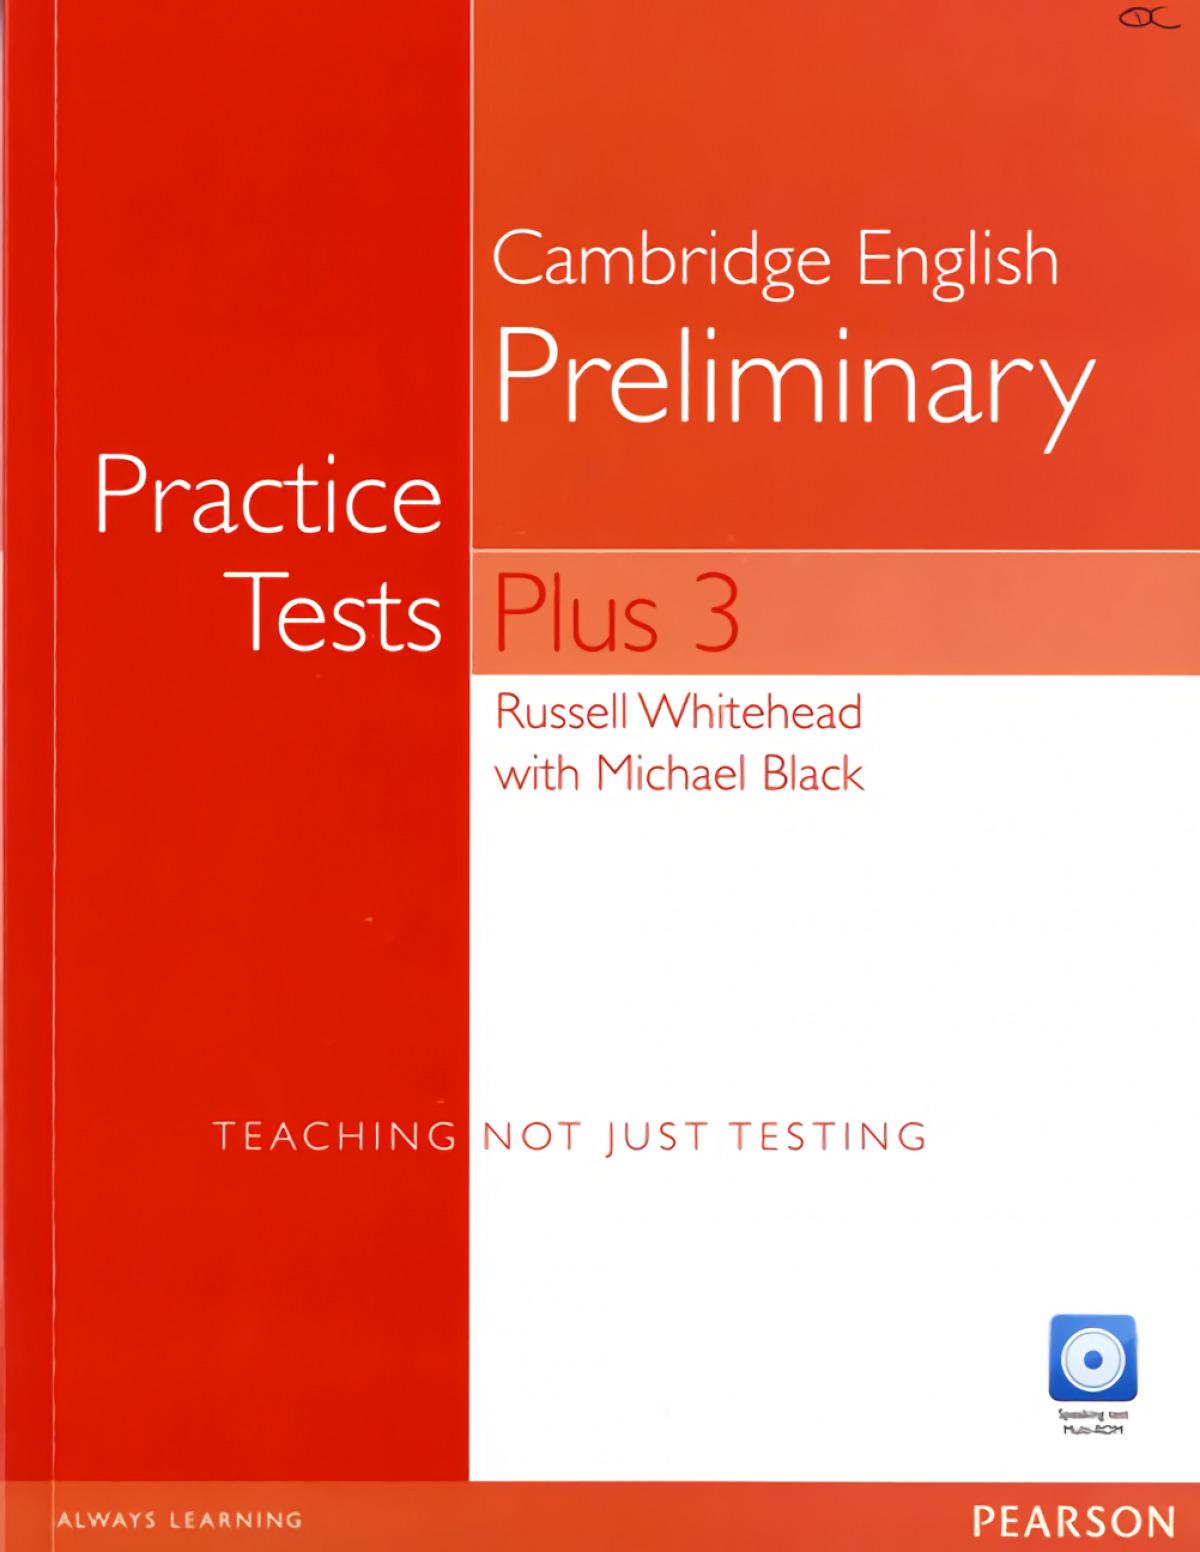 Pet practice test plus (st+cd-key)